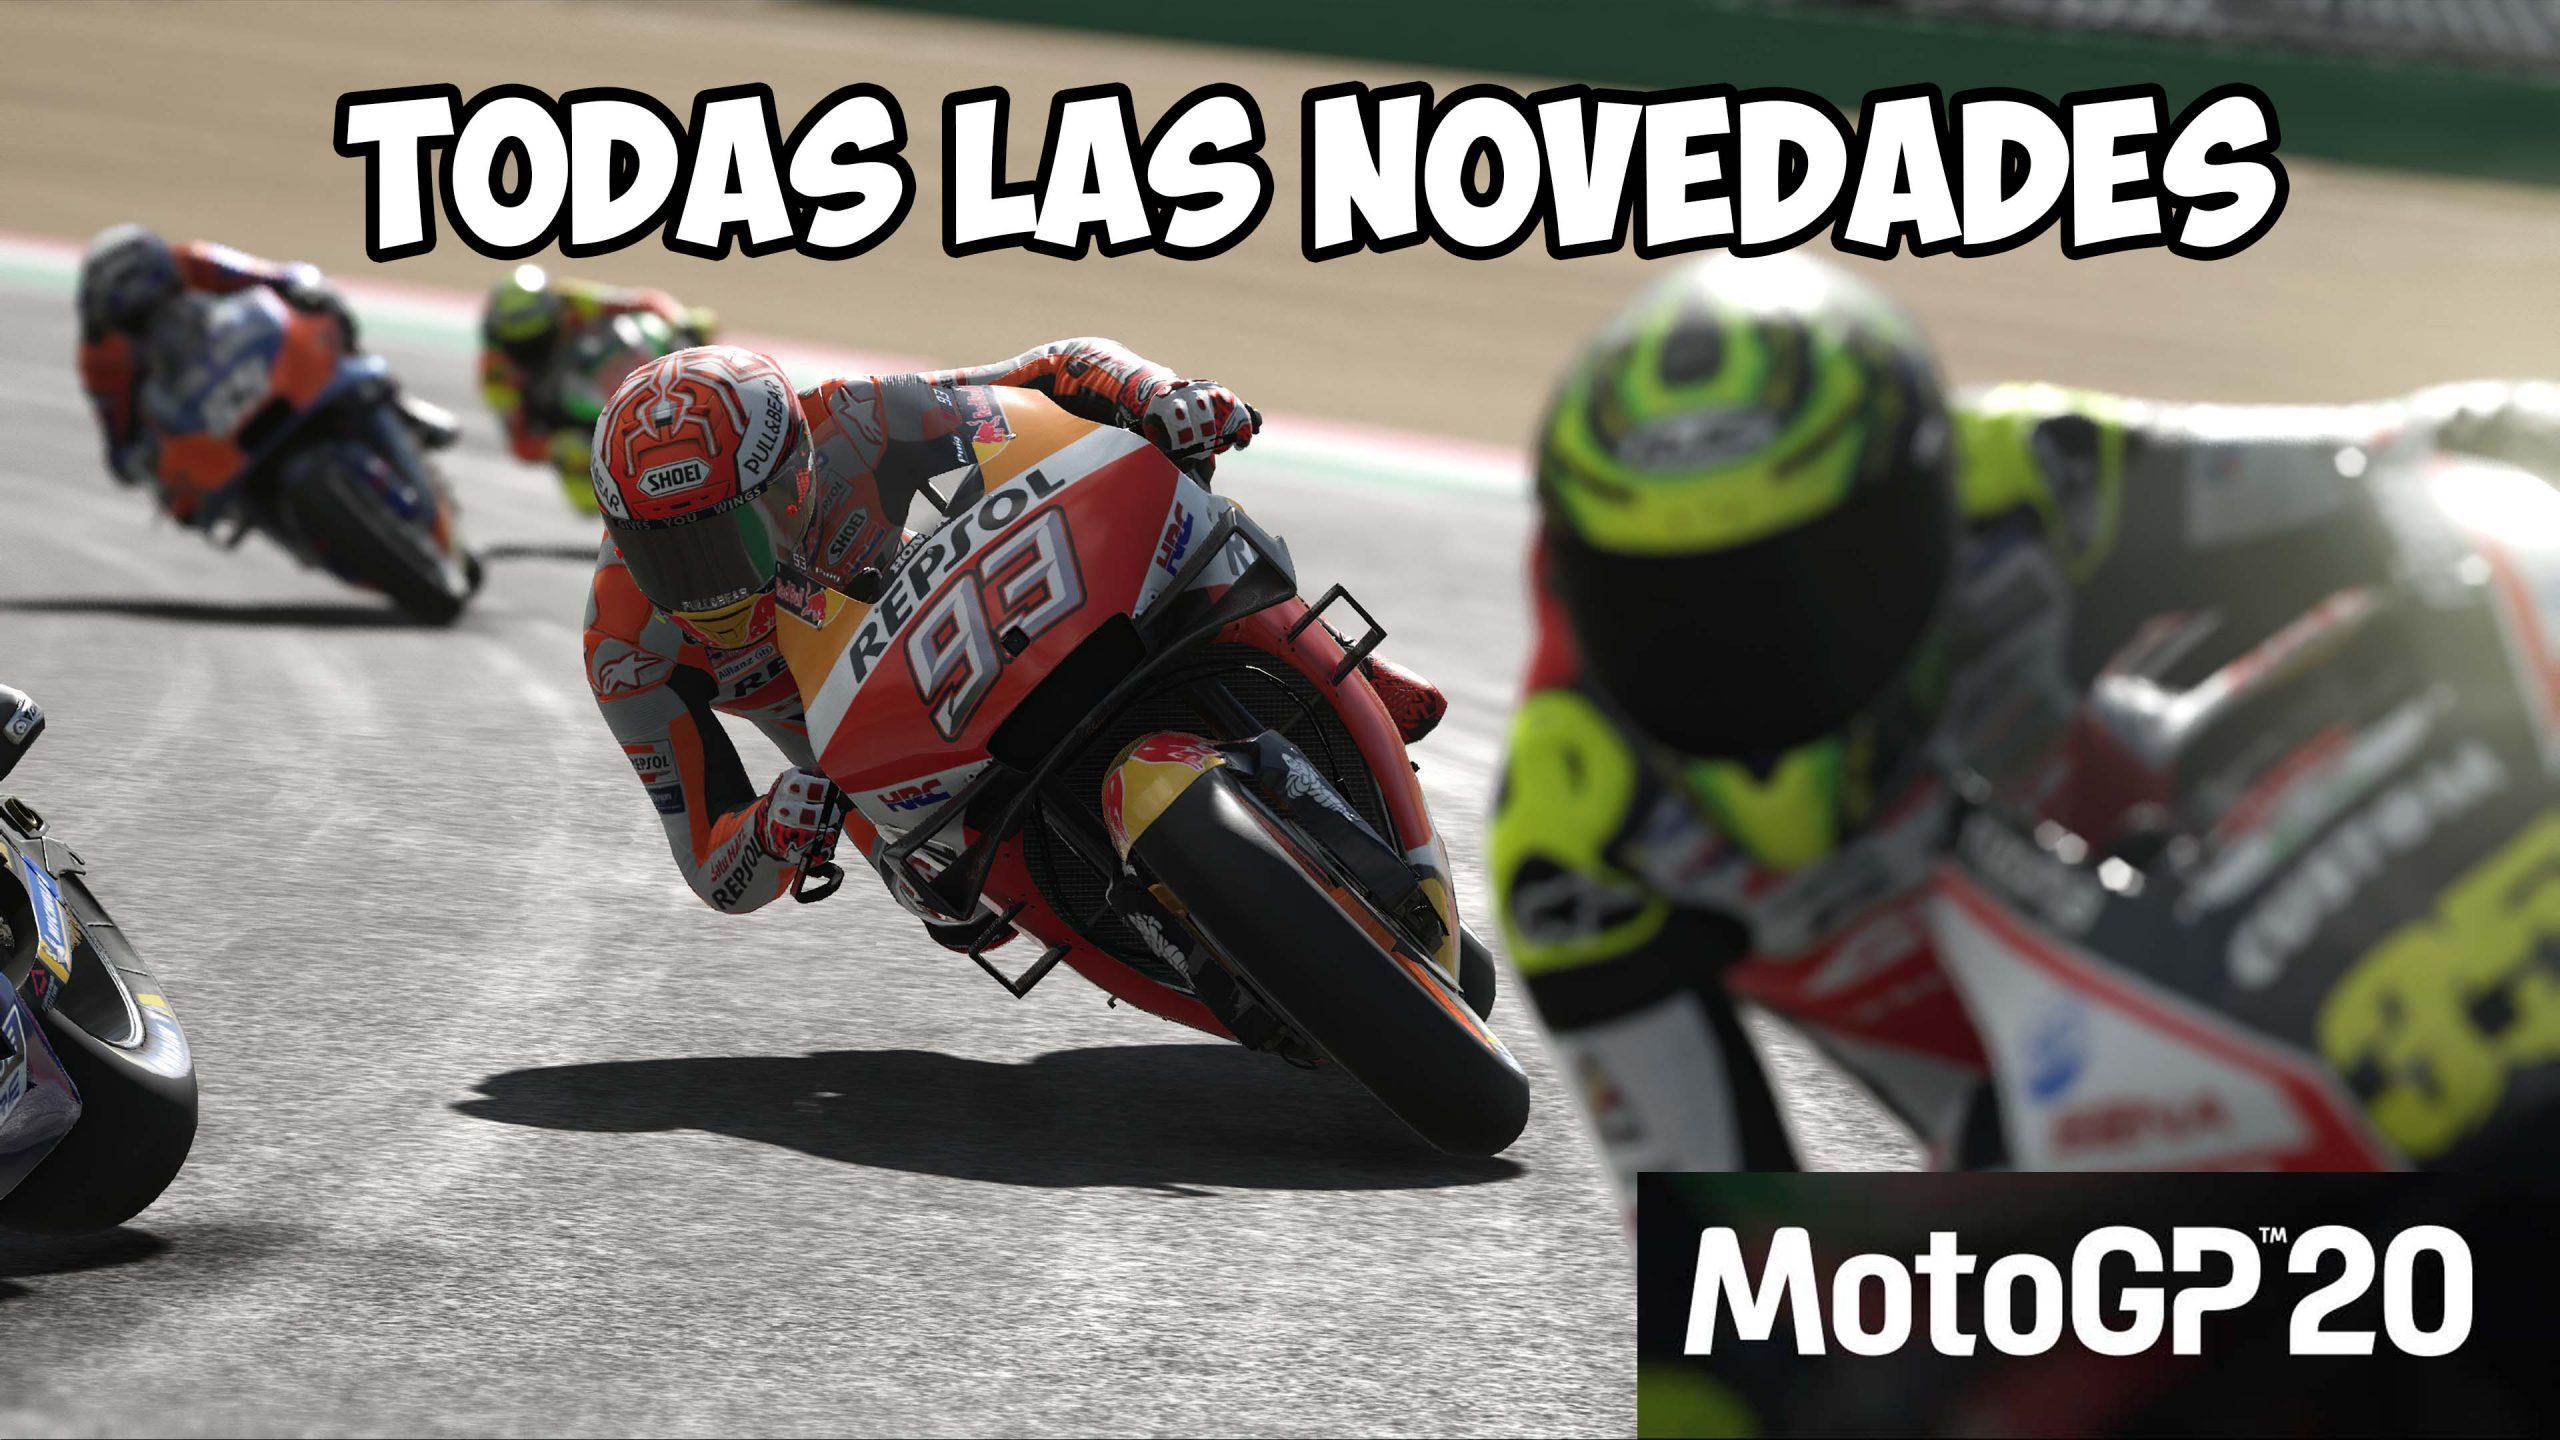 Todas las novedades del MotoGP 20 con lanzamiento el 23 Abril